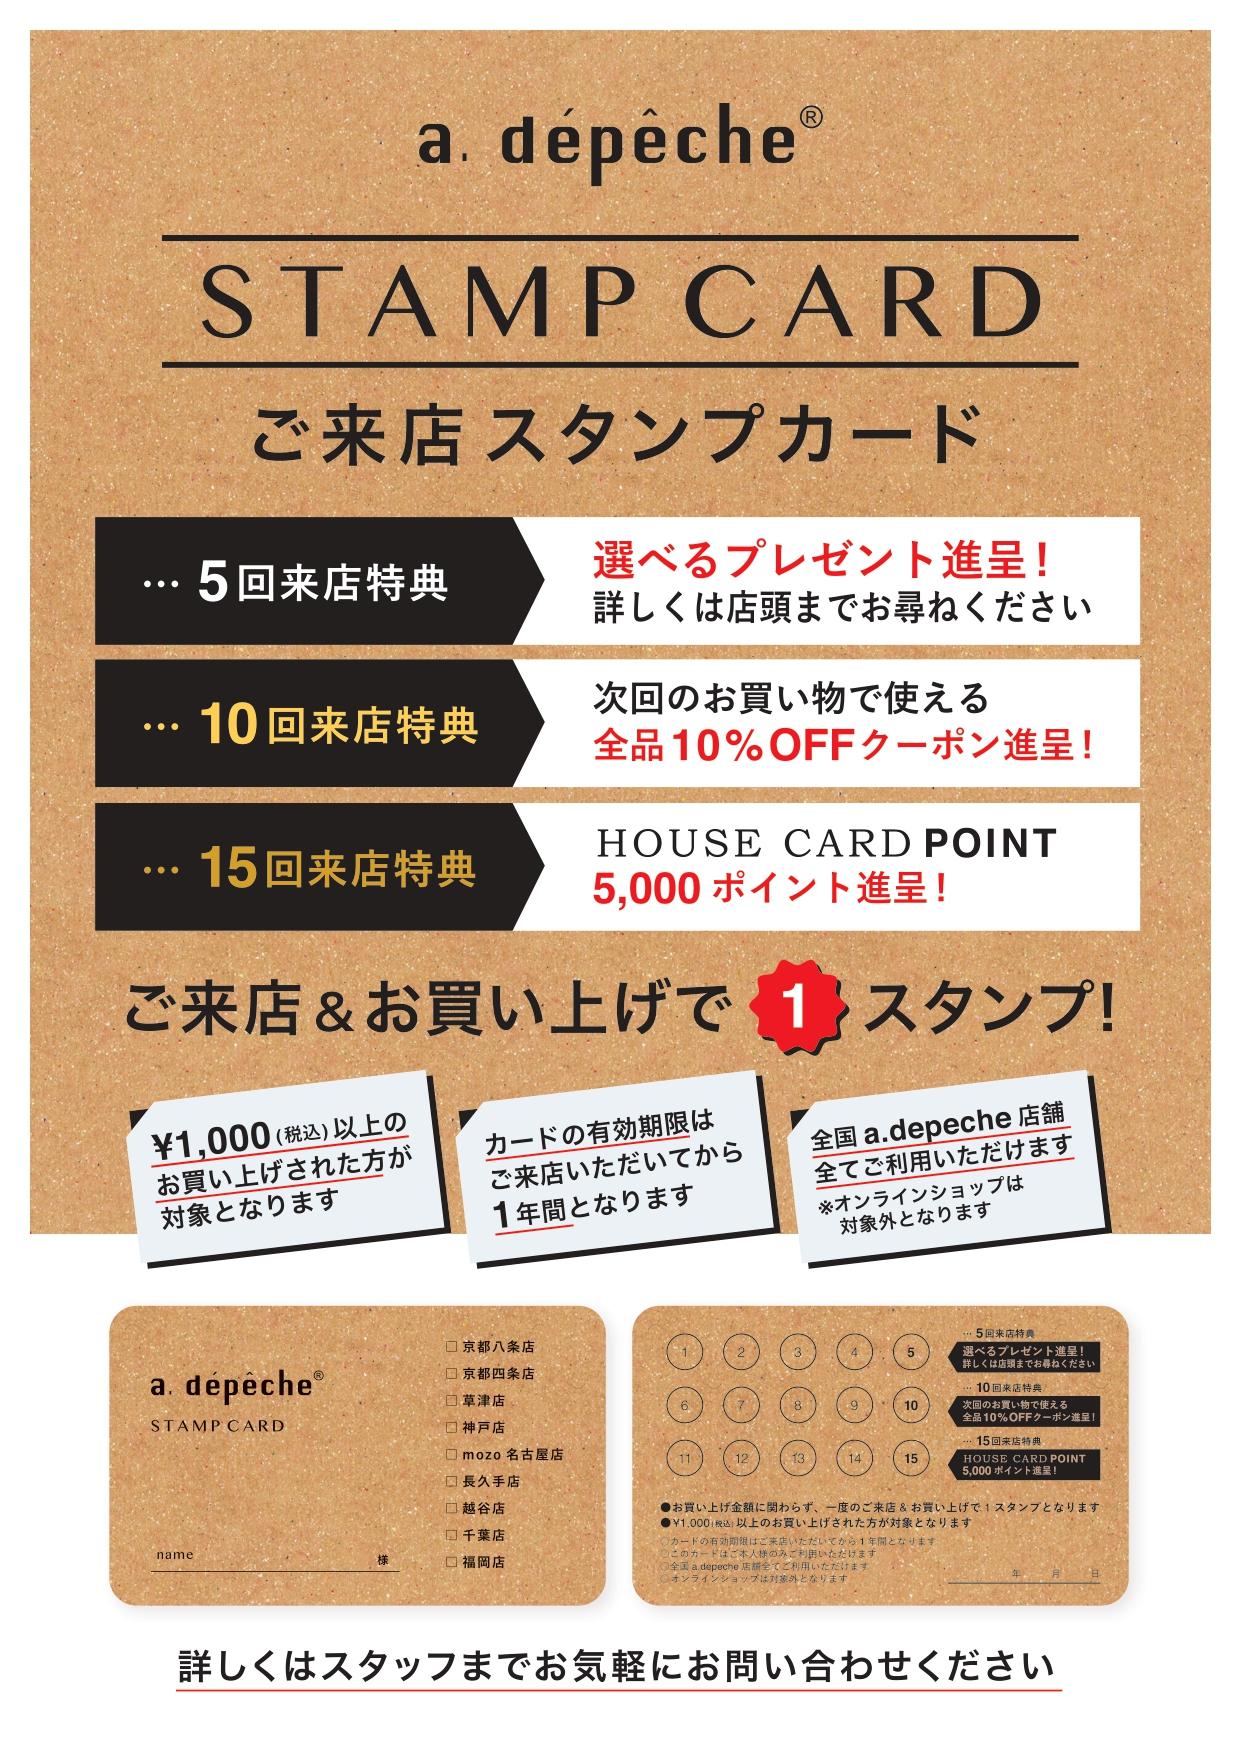 ご来店スタンプカードが登場!